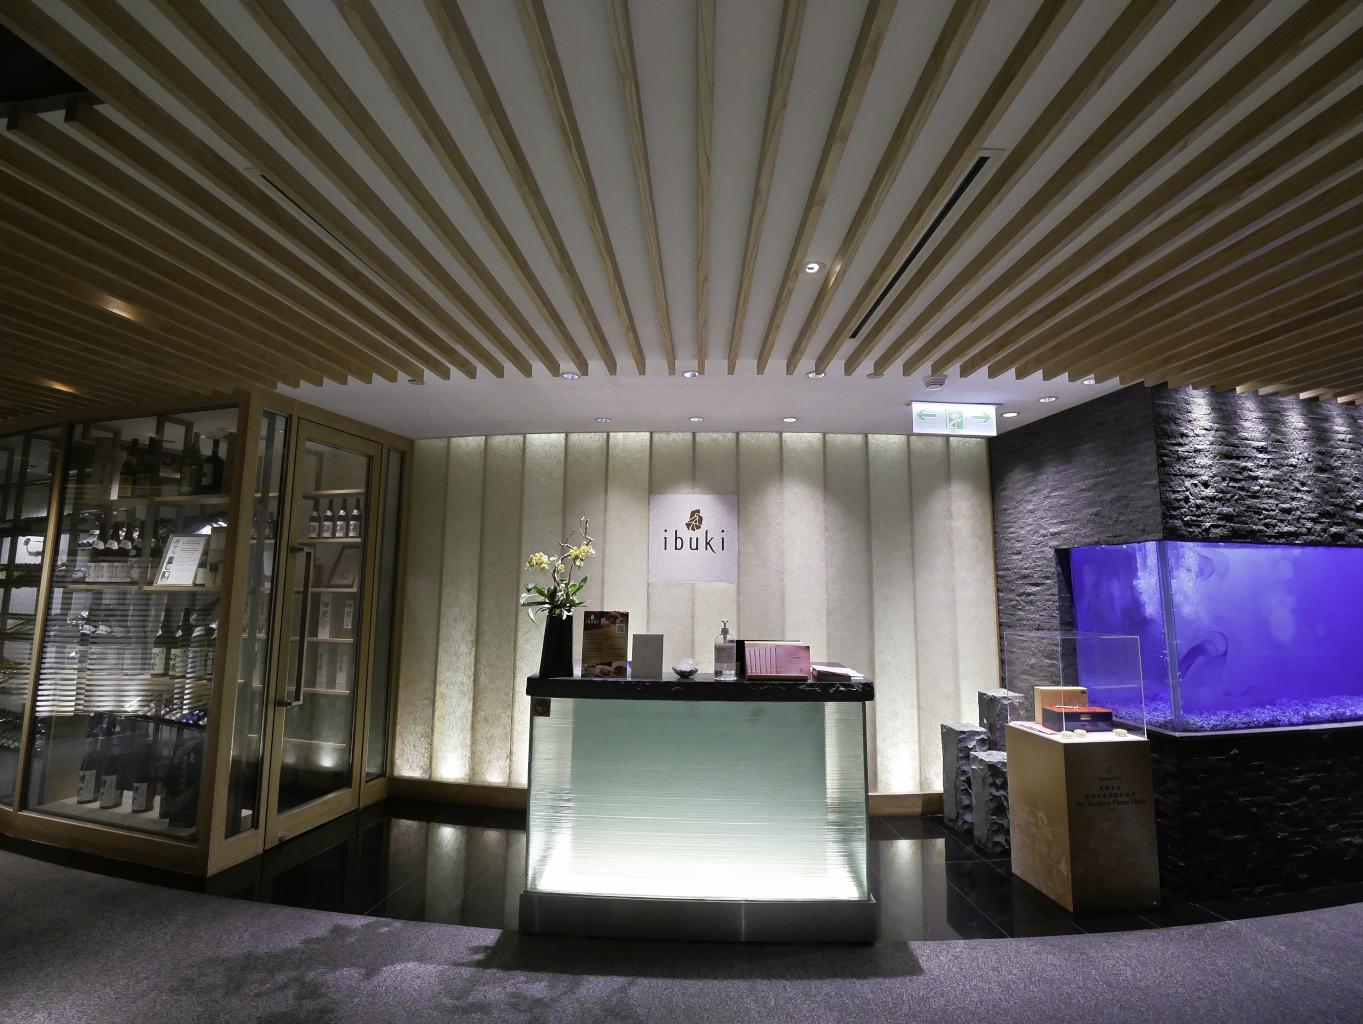 香格里拉台北遠東國際大飯店,ibuki 日本料理餐廳-2.jpg